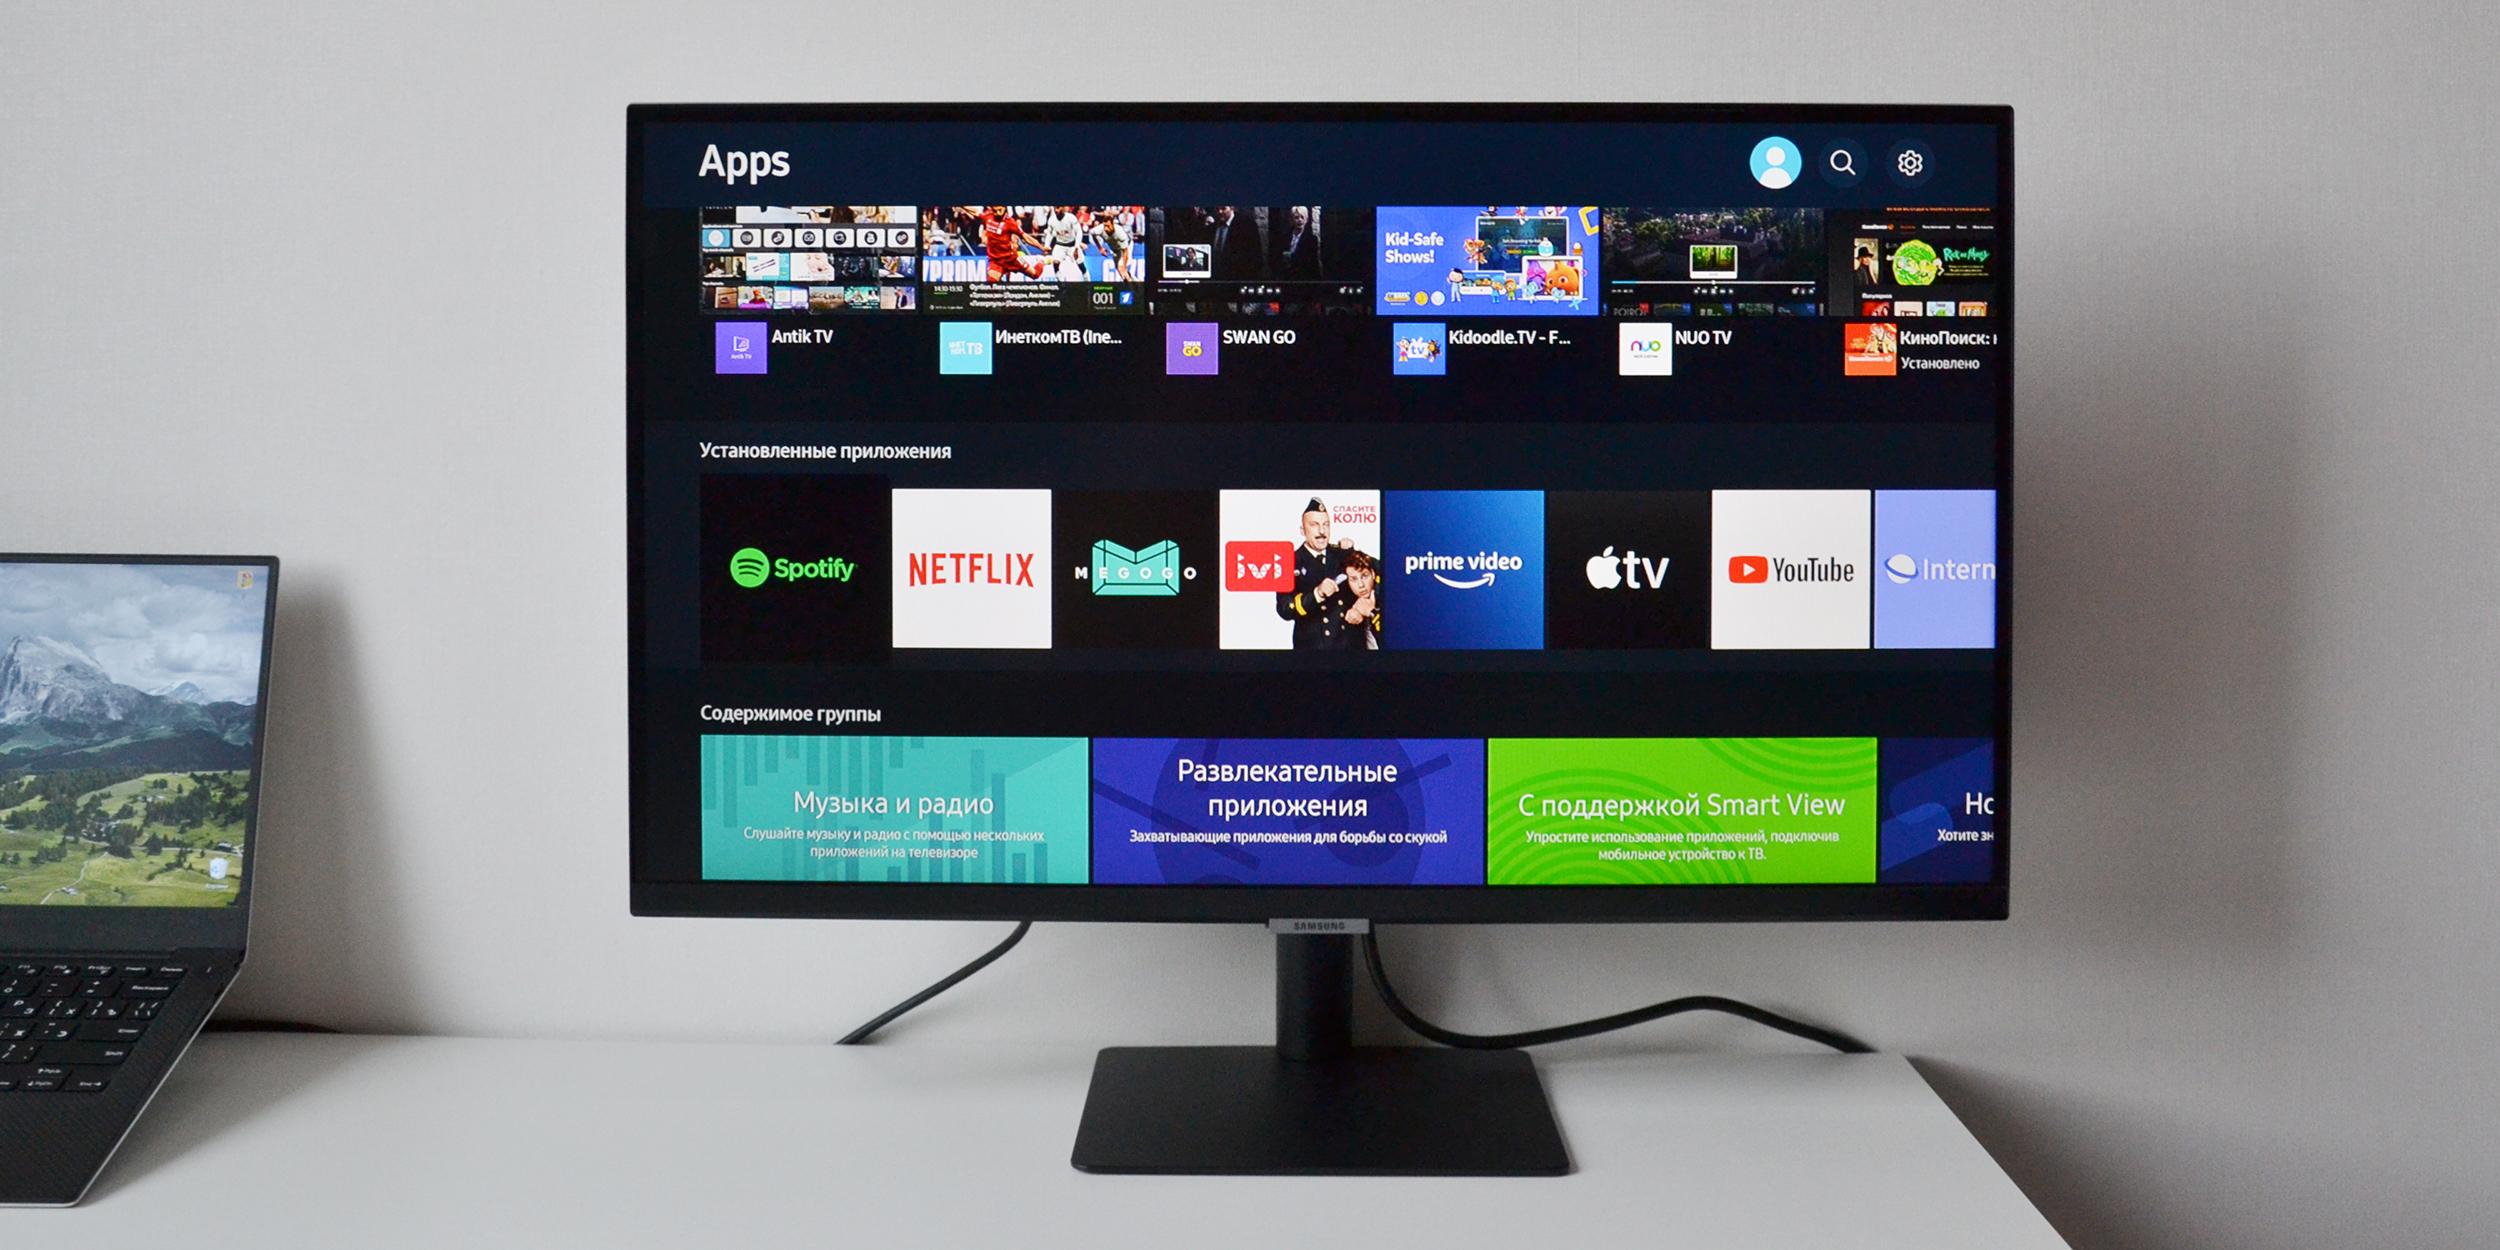 Обзор смарт-монитора Samsung M5: в Apps можно найти дополнительные приложения и сервисы